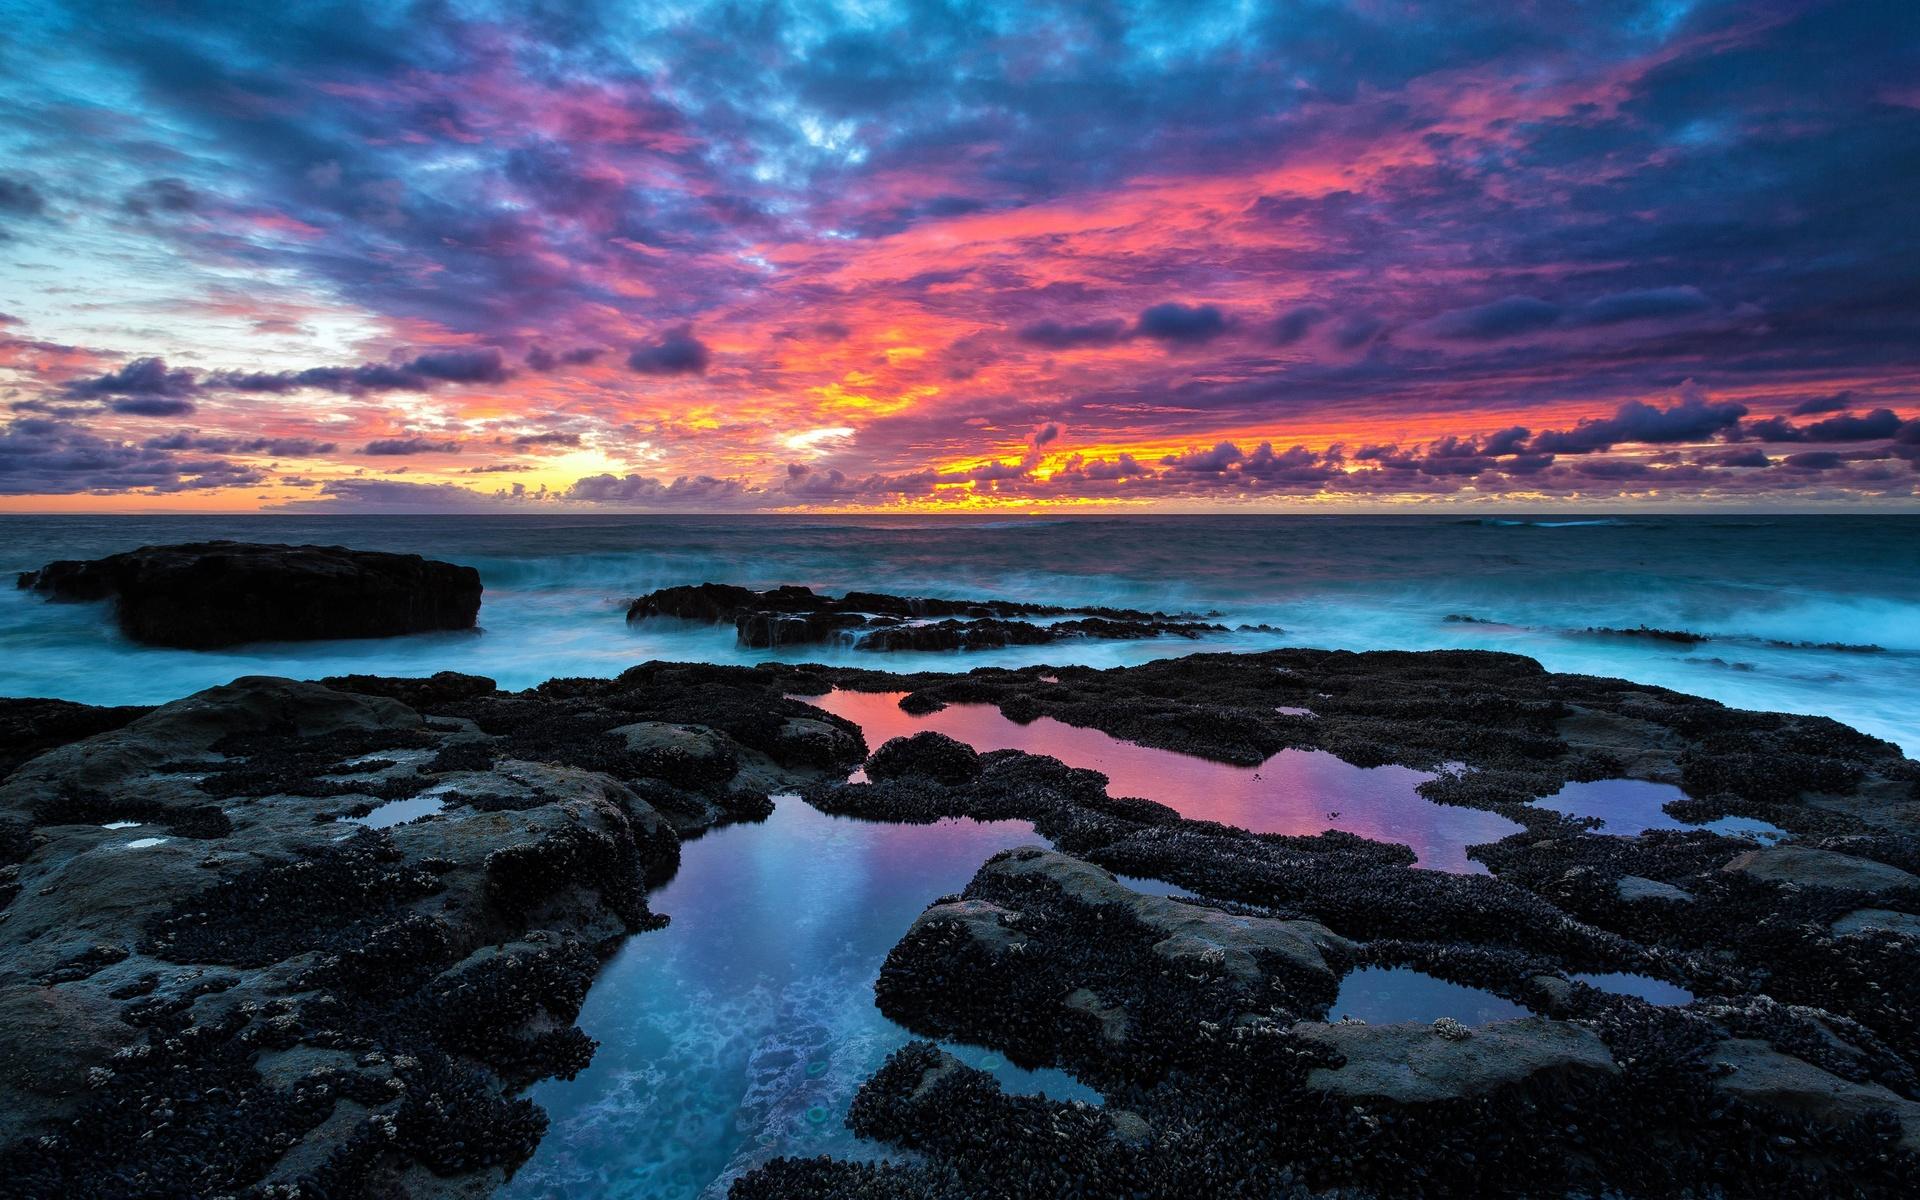 закат, в скалистом пляже, природа